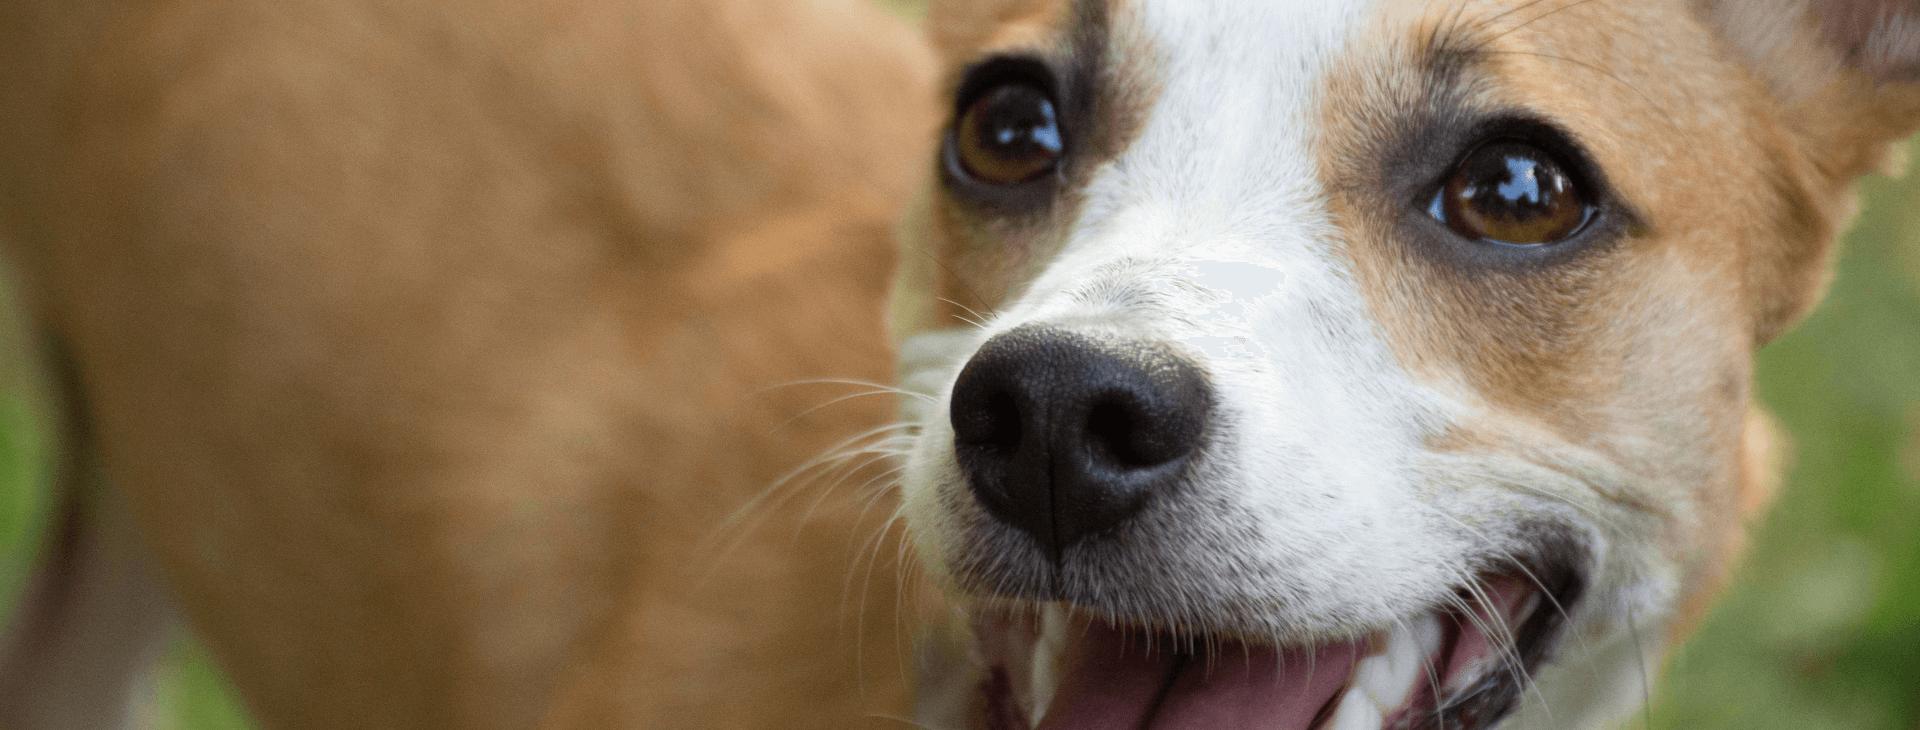 Parazitaellenes gyógyszerek az állatgyógyászatban